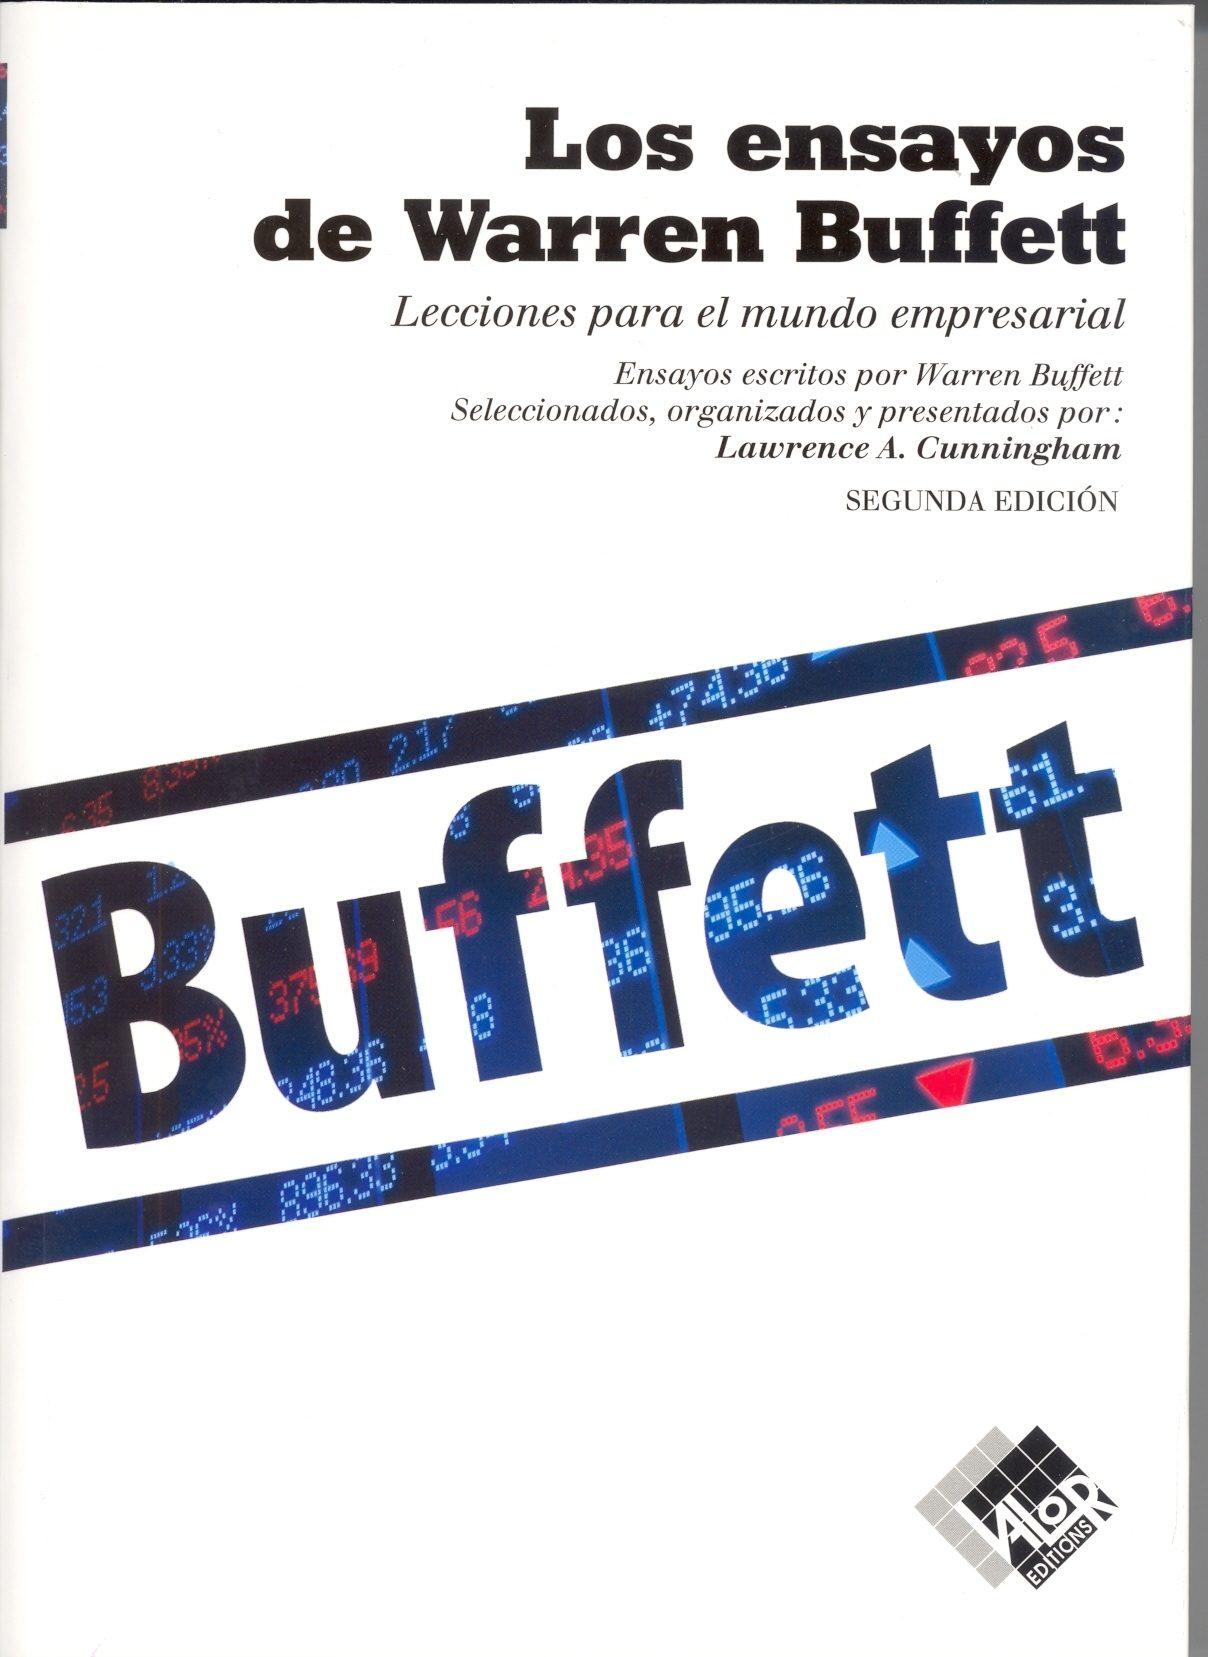 Los ensayos de Warren Buffett Lecciones para el mundo empresarial